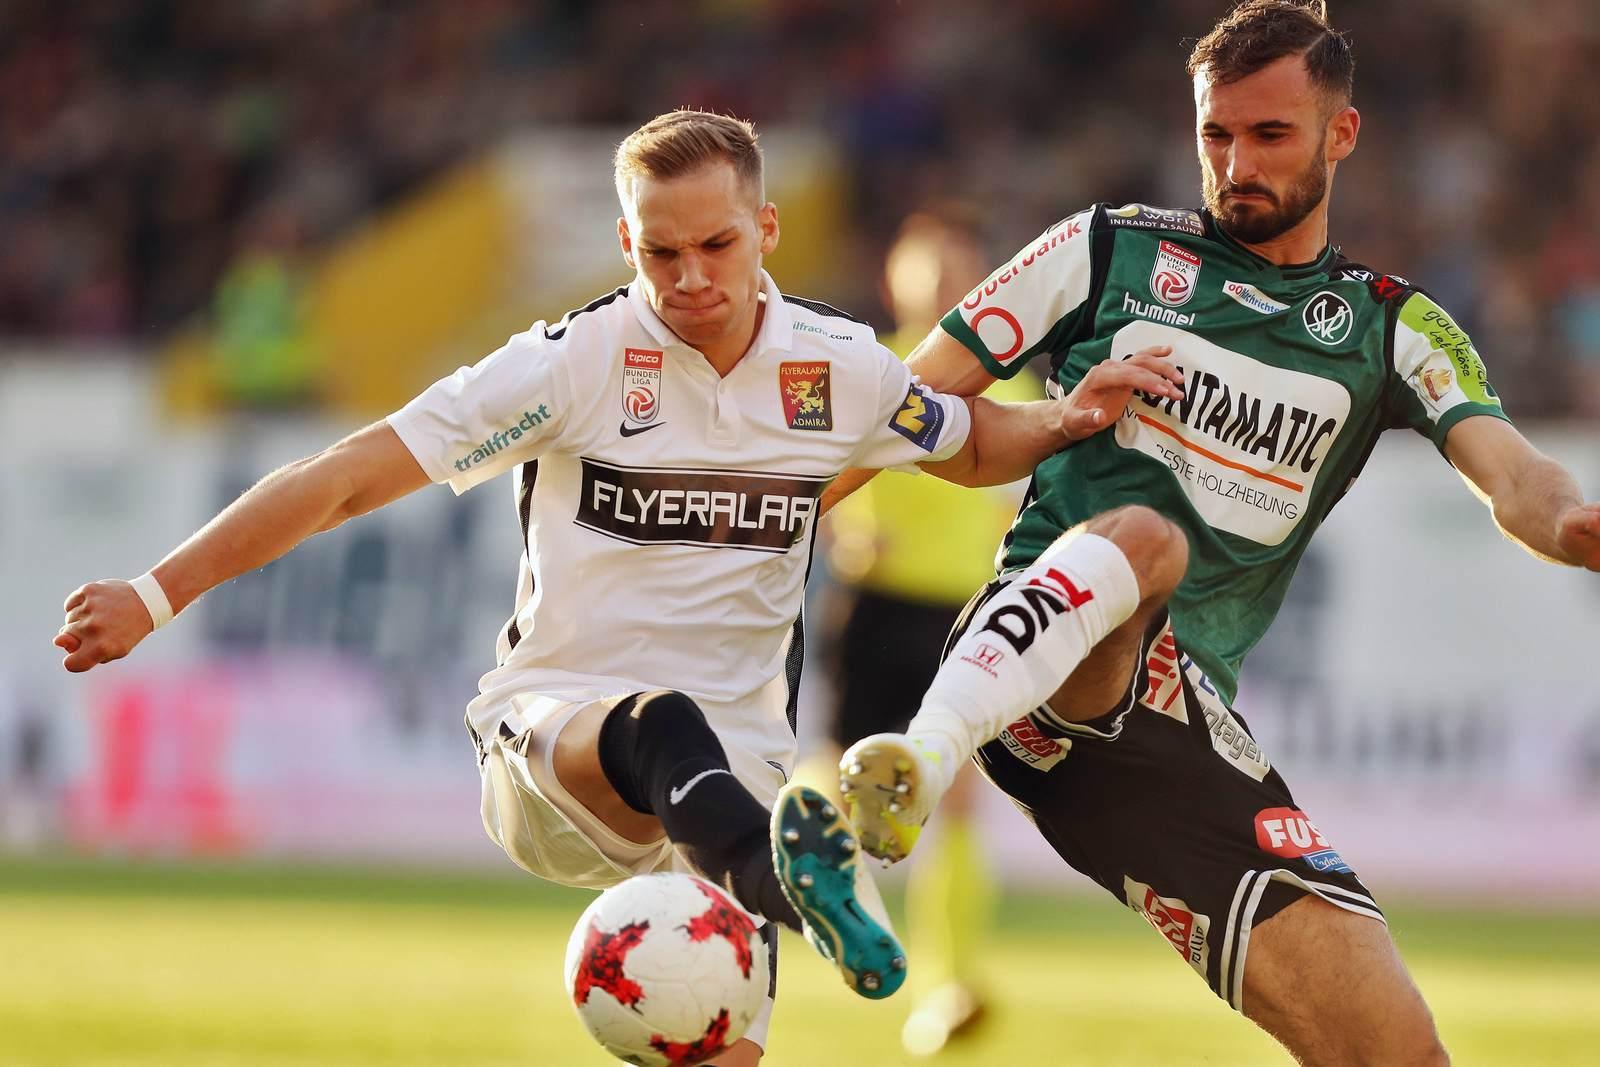 Nico Antonitsch im Duell mit Christoph Monschein. Jetzt steht der Antonitsch Wechsel nach Zwickau fest.